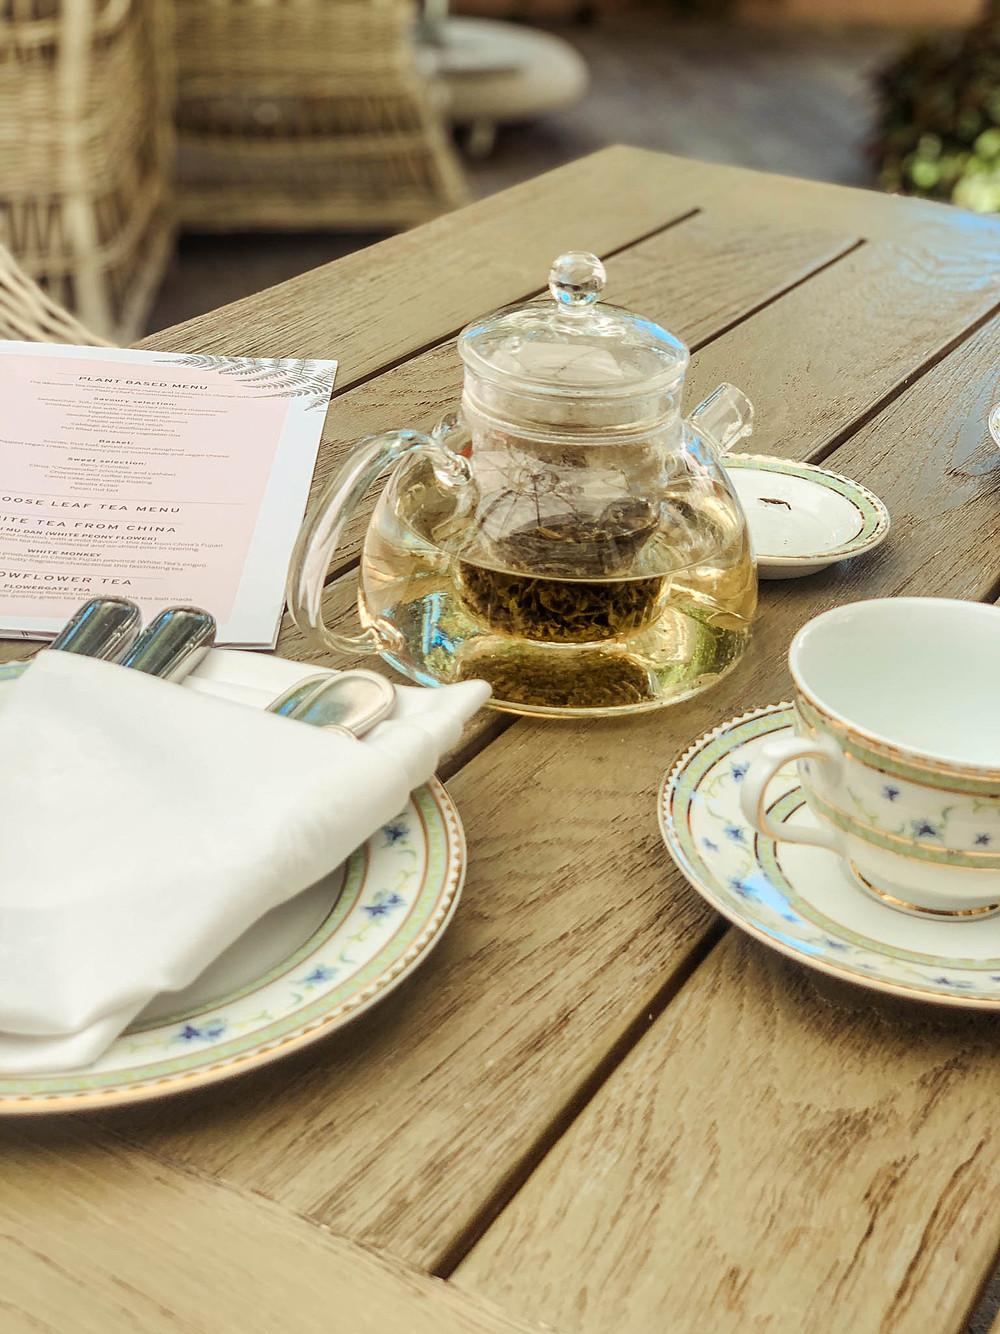 ...vs. waiting for tea!